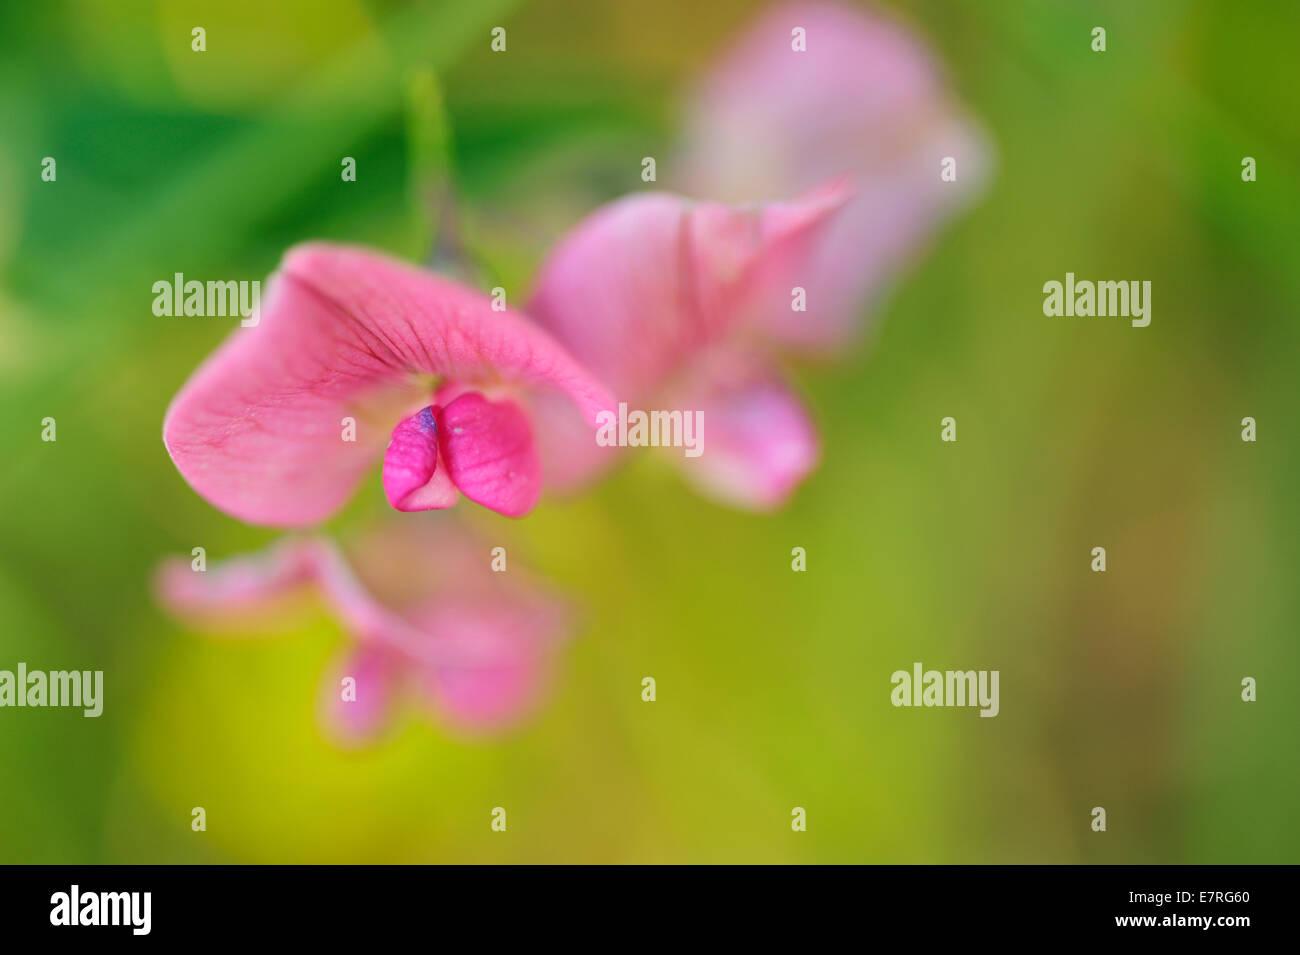 Common Garden Pea Pisum sativum, Fabaceae, Castelluccio di Norcia, Umbria, Italy, Europe - Stock Image